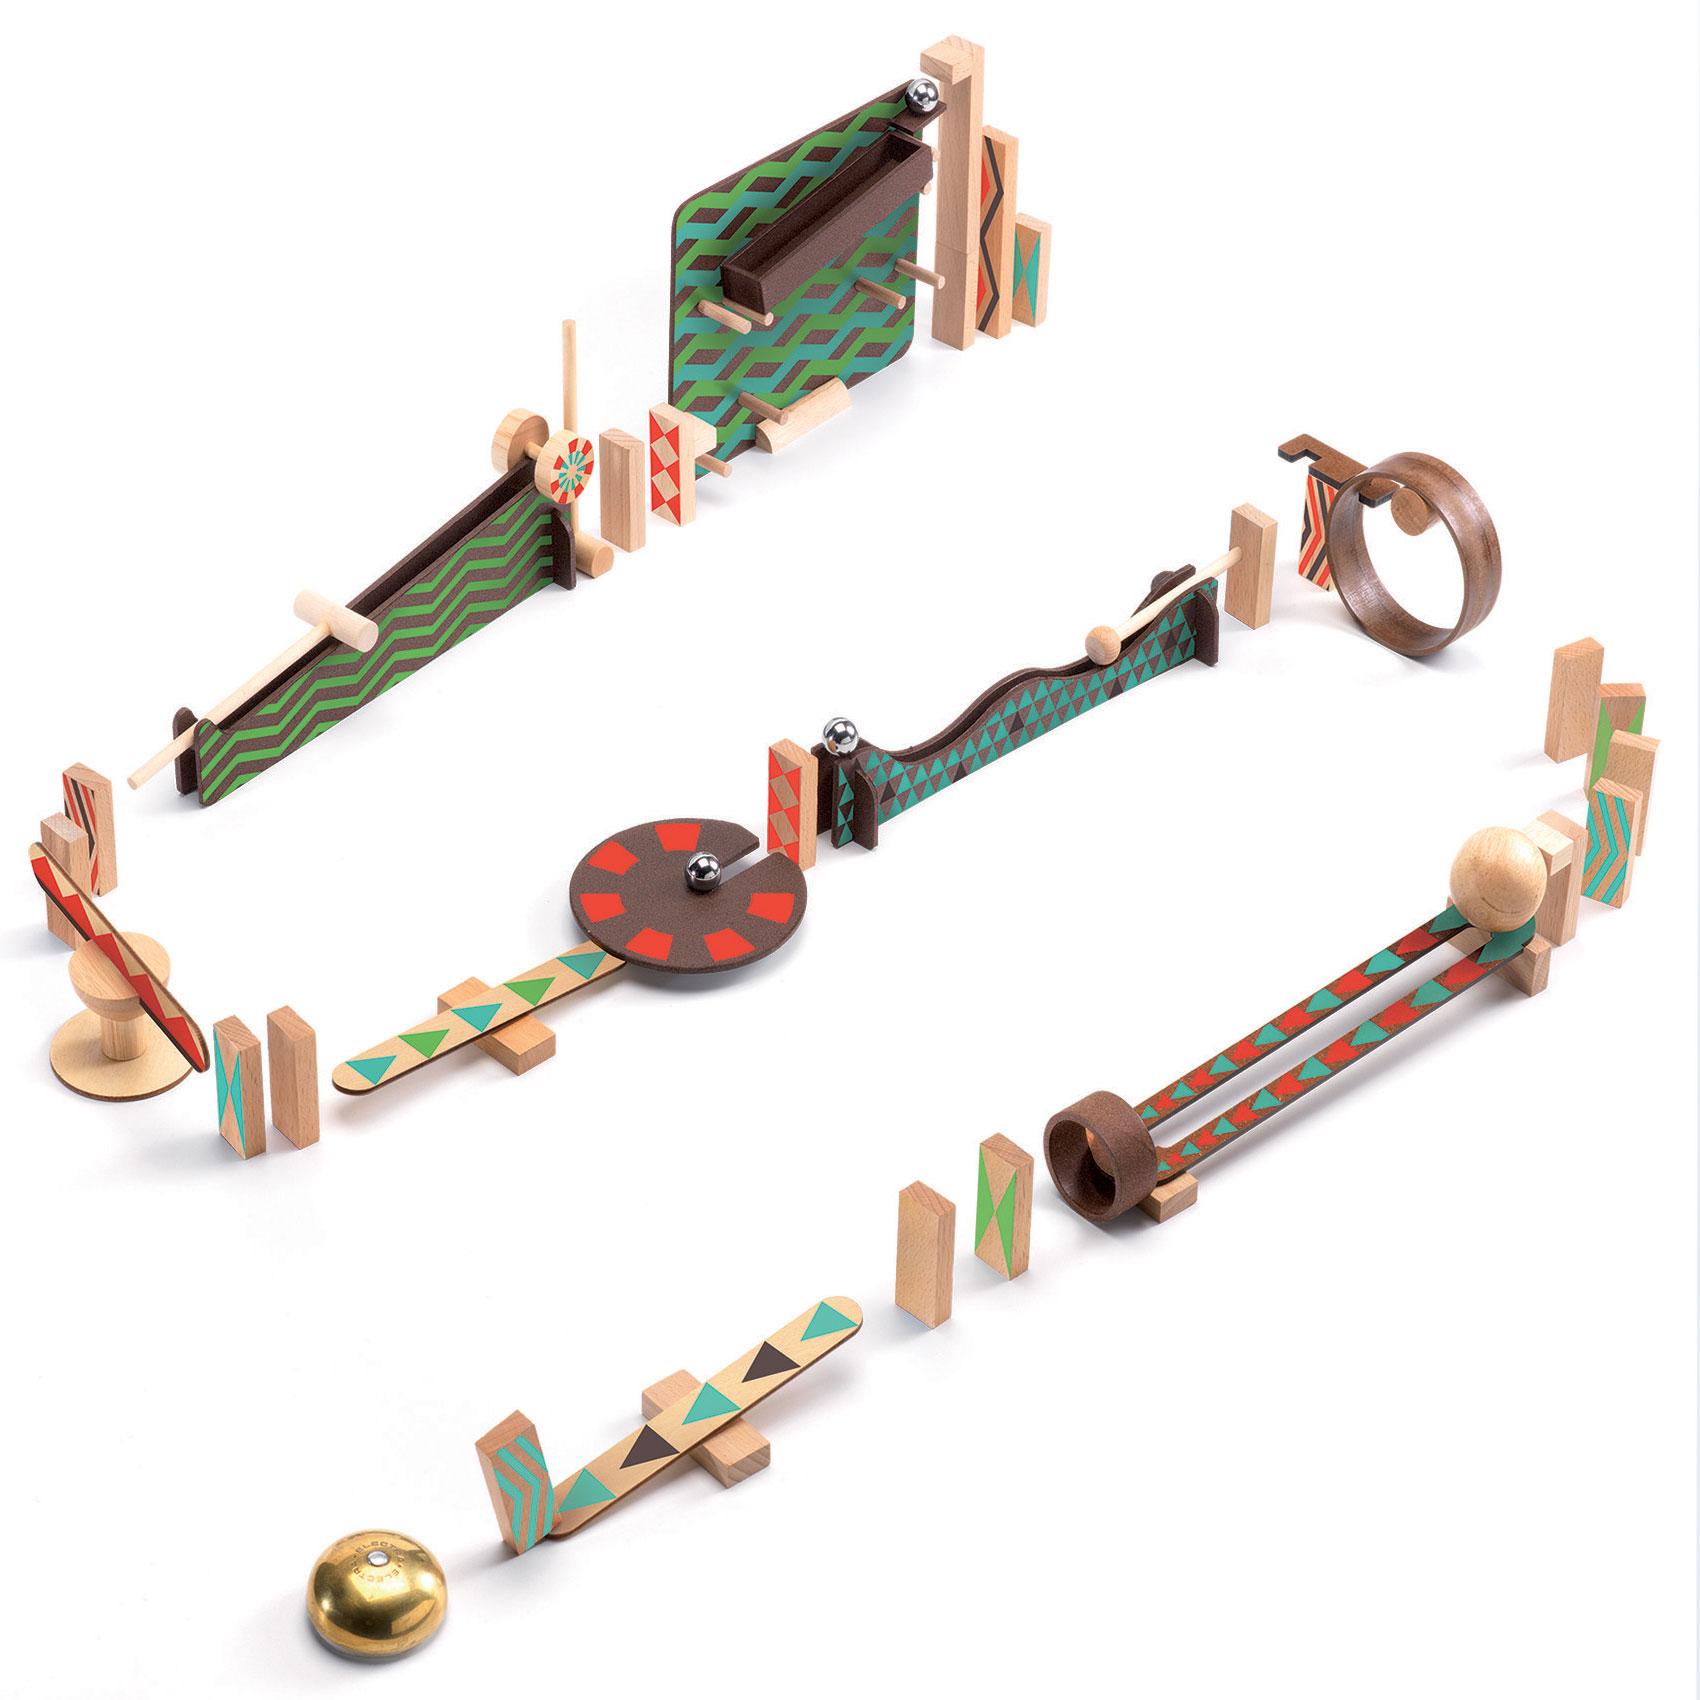 Купить DJECO Деревянный конструктор Zig & Go, 48 деталей, Франция